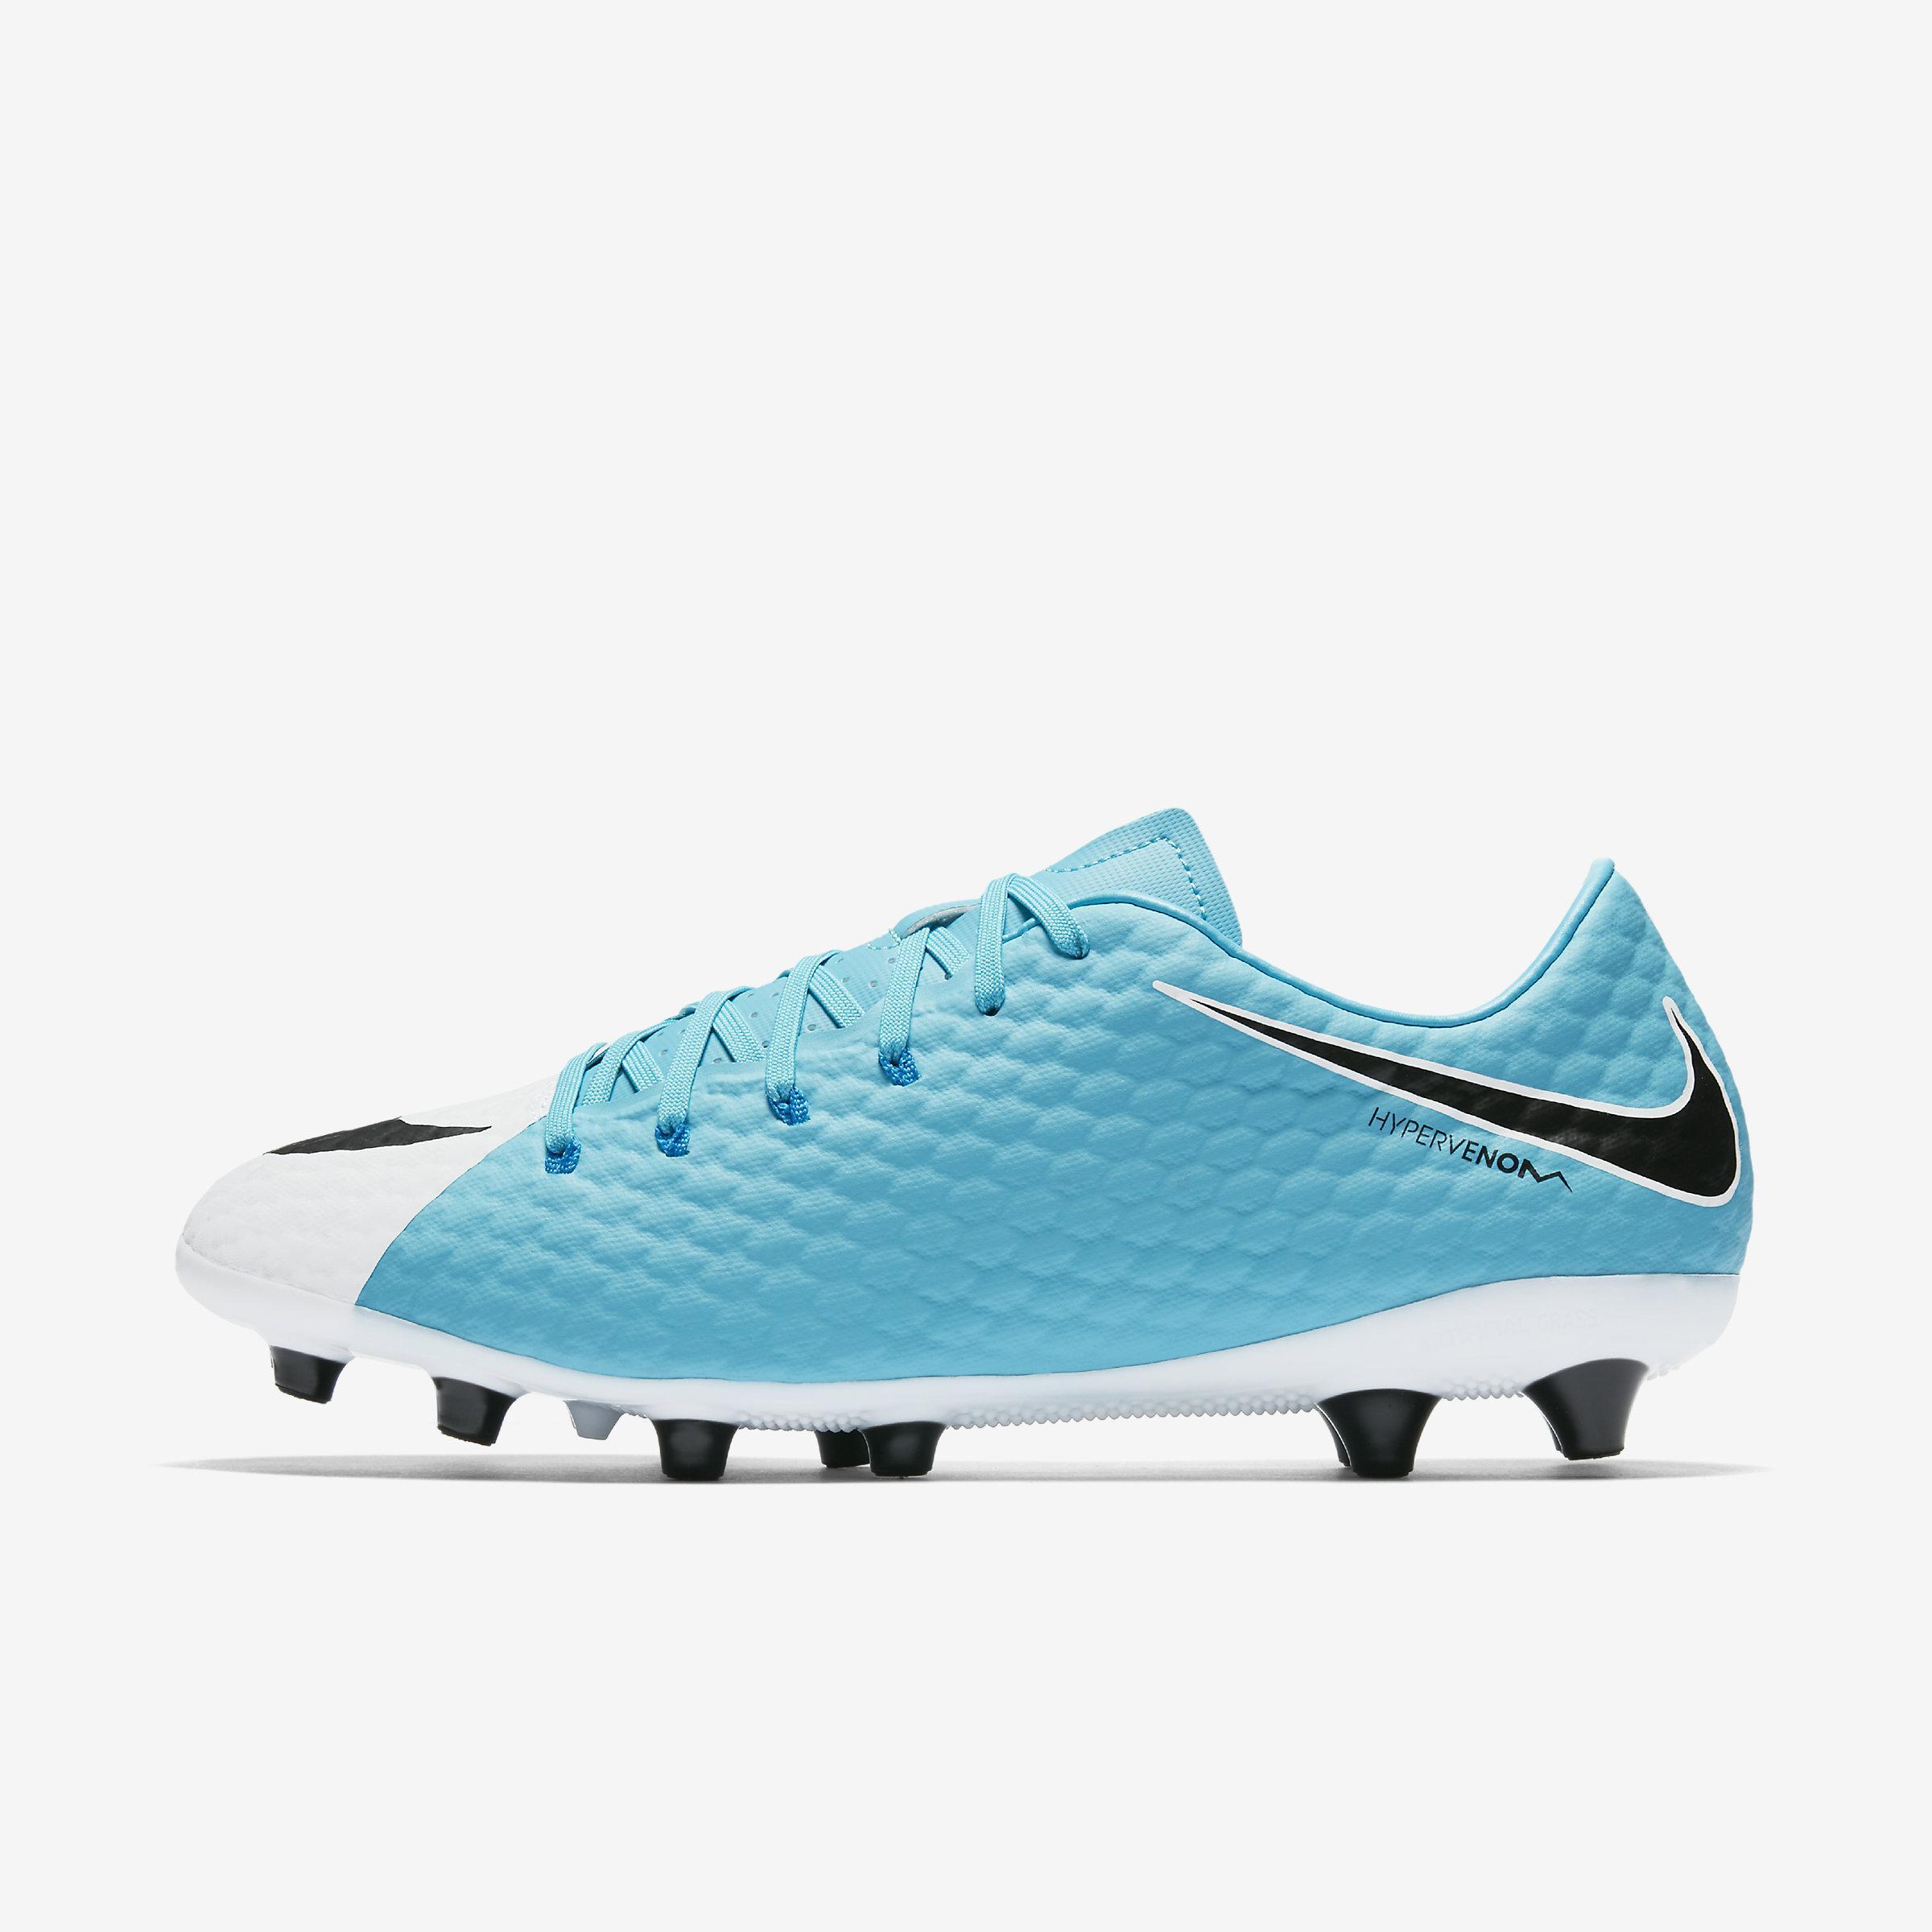 5452cb0616fa Nike Hypervenom Phelon 3 Ag-pro in Blue for Men - Lyst